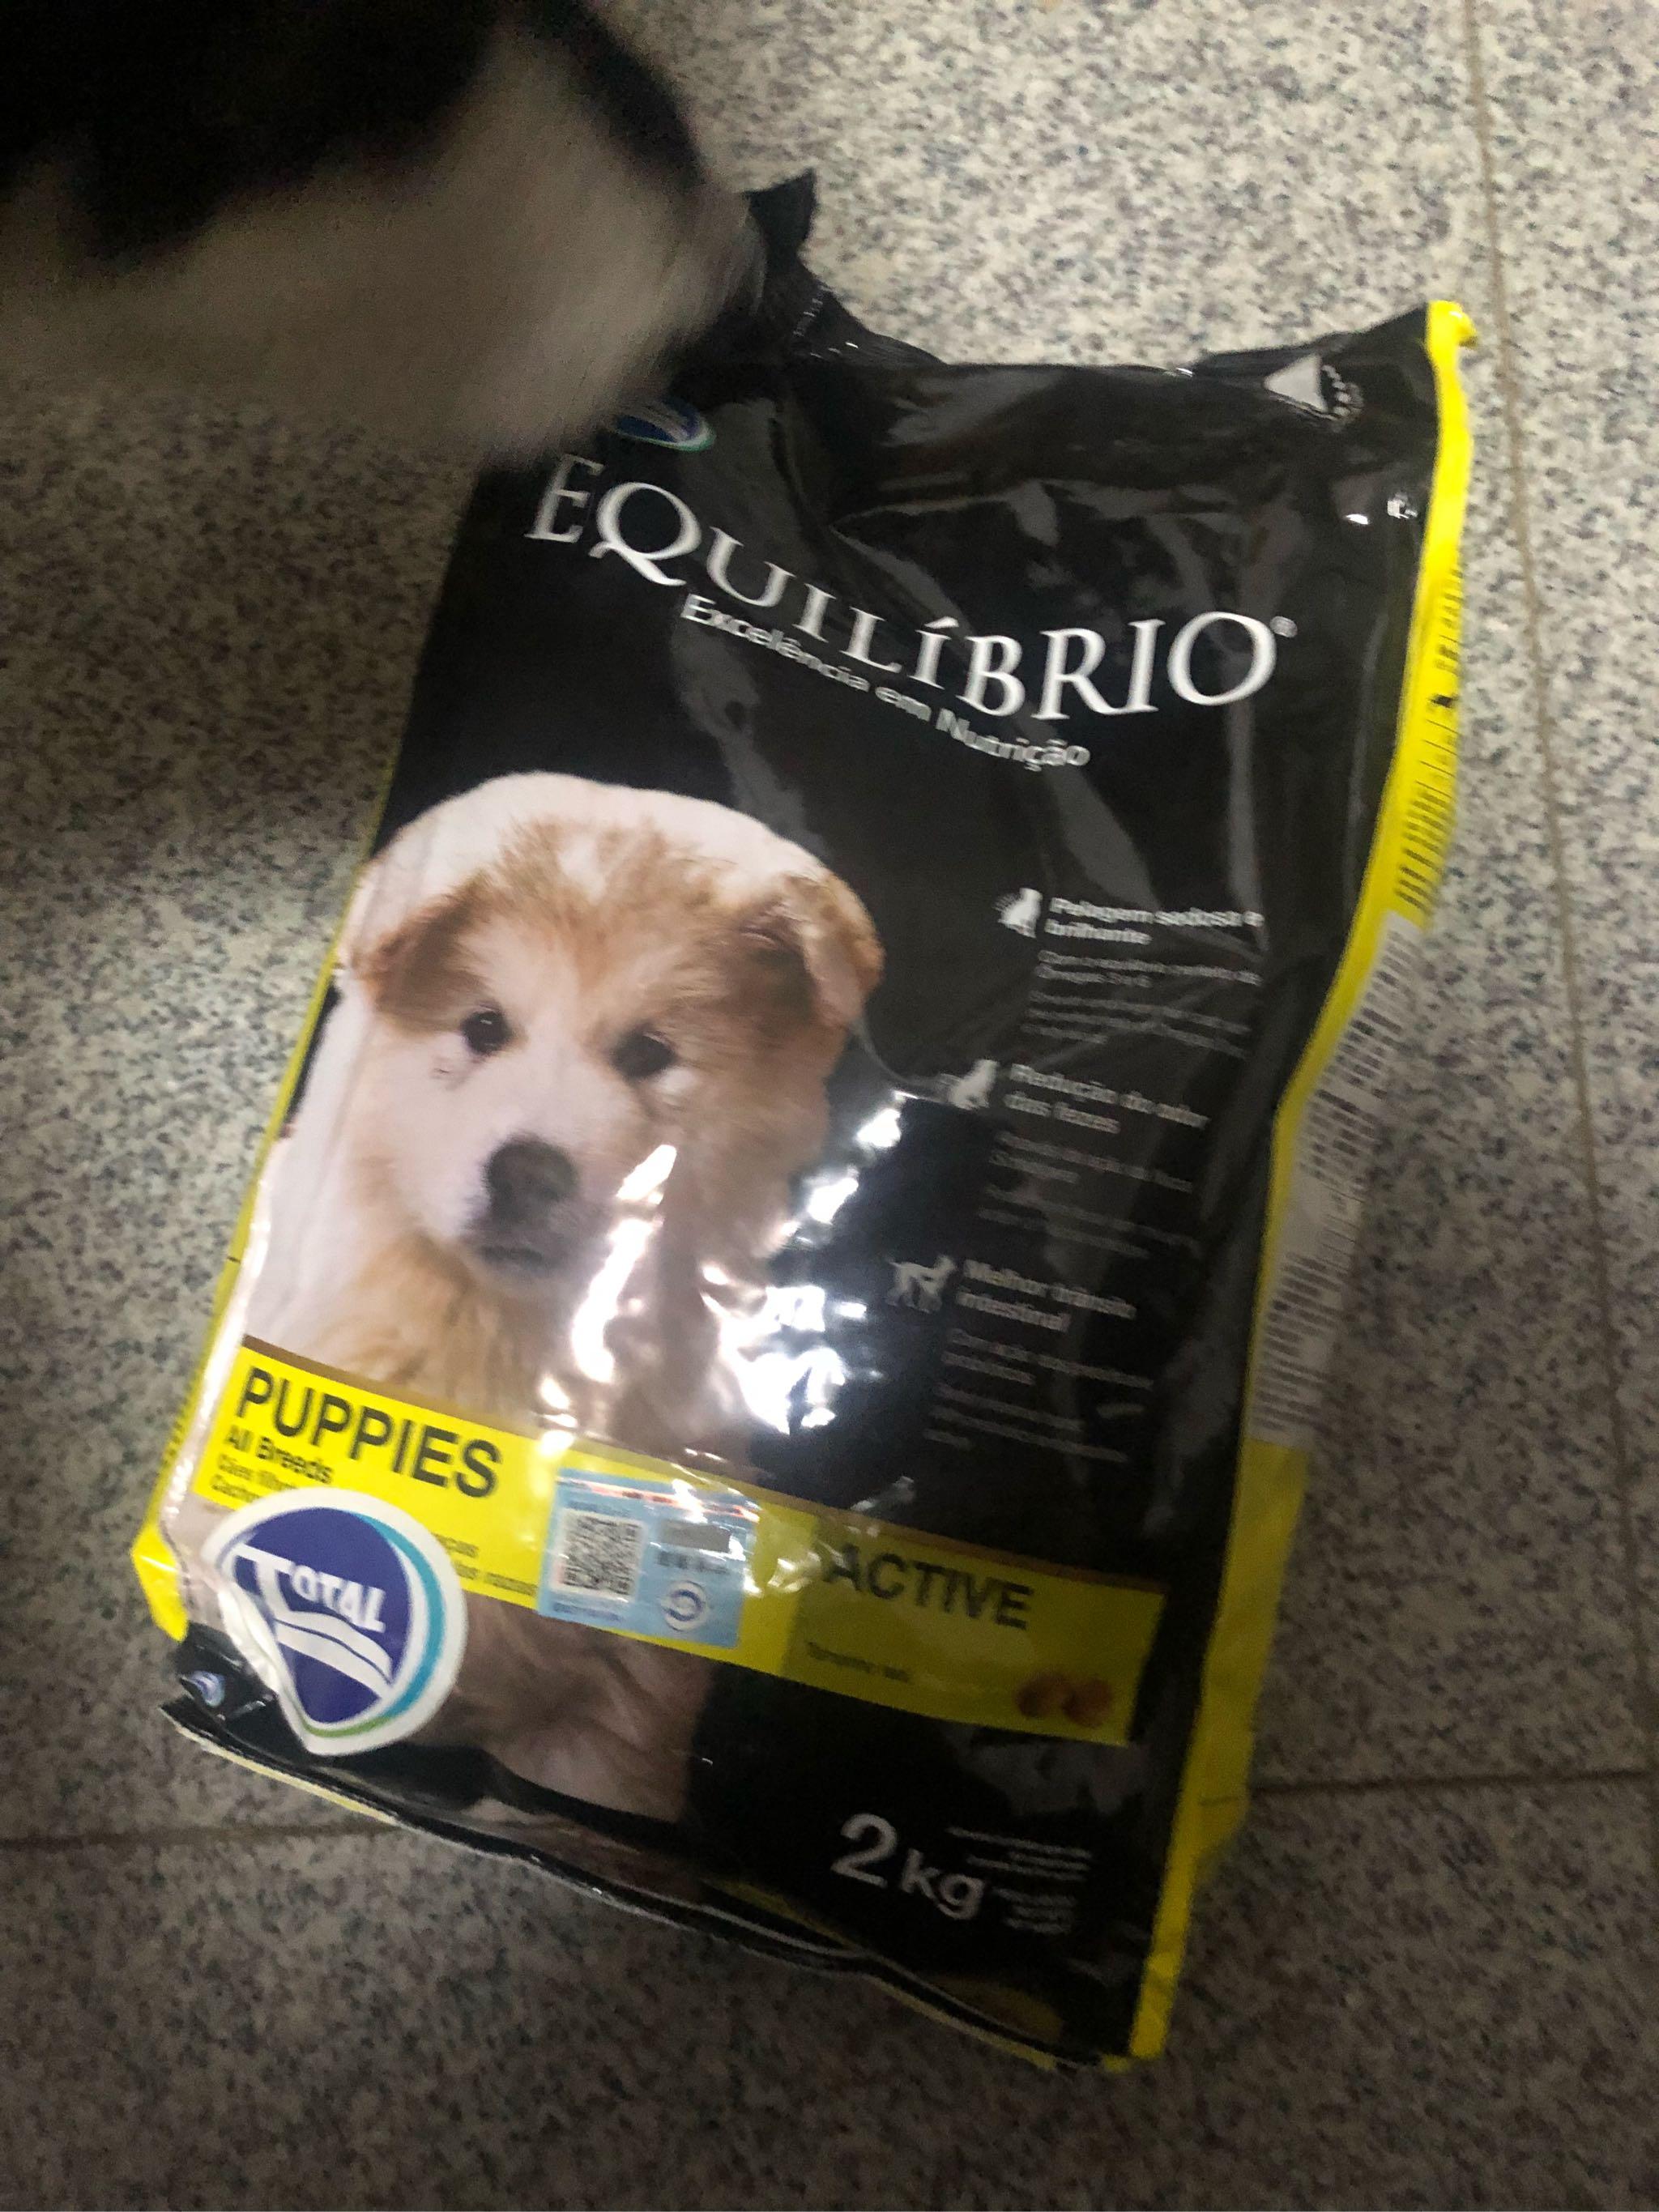 巴西淘淘天然狗粮比一般的狗粮要油一些,其它都很好